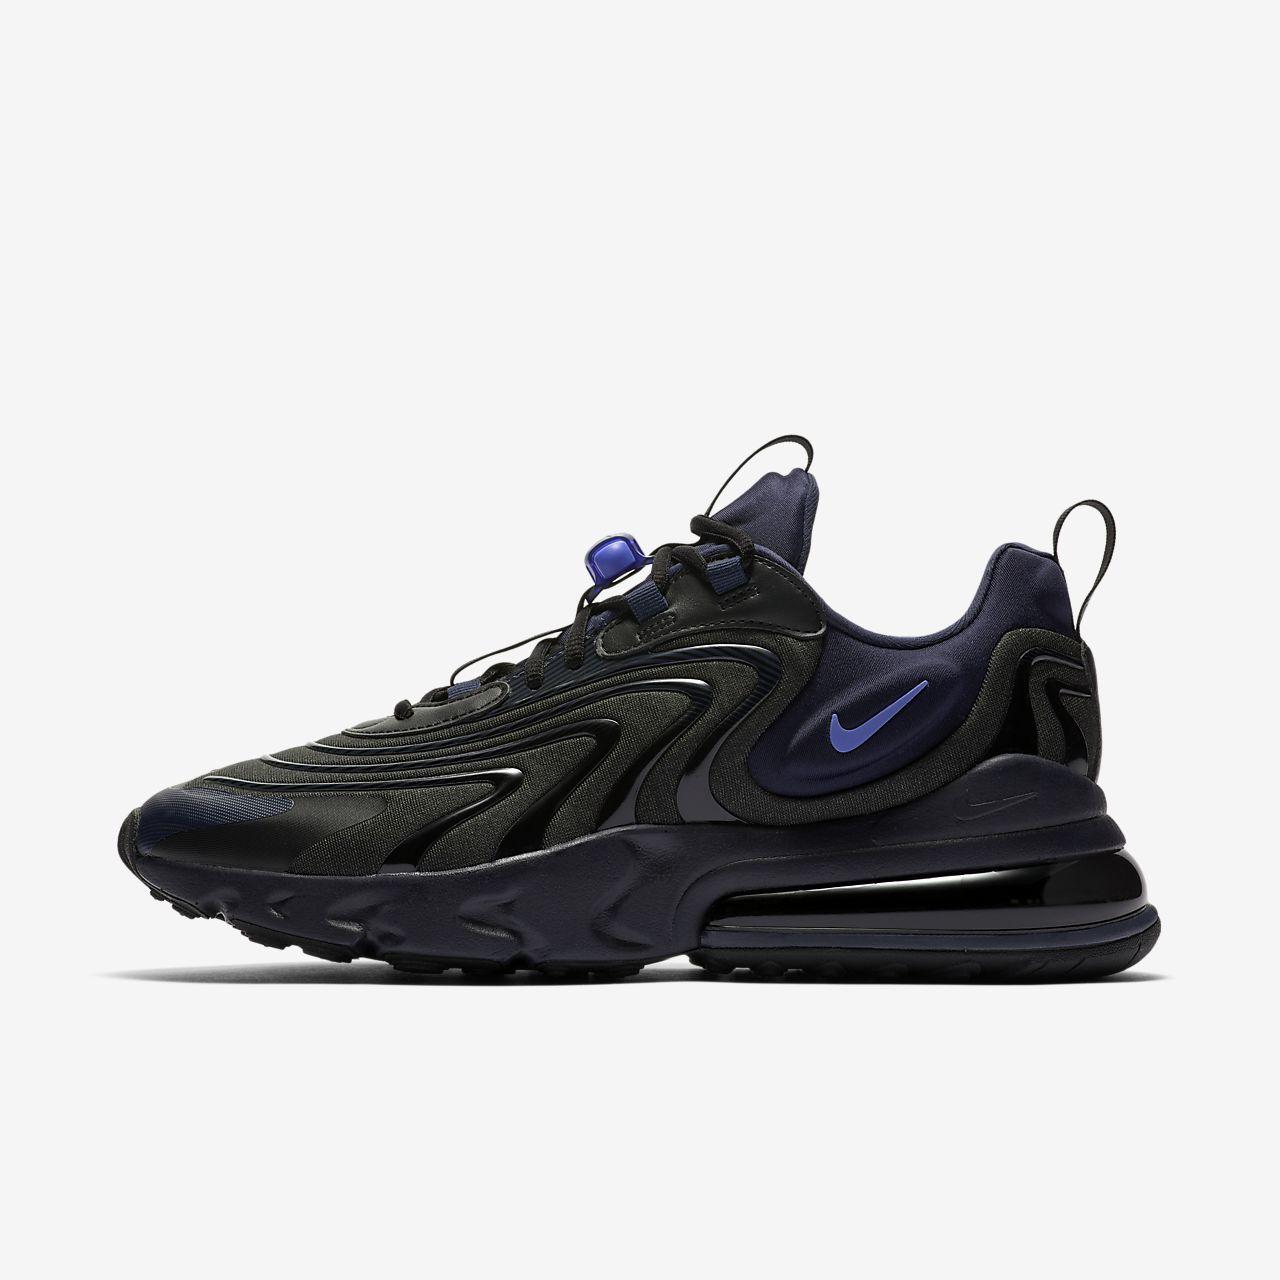 nike chaussures air max 270